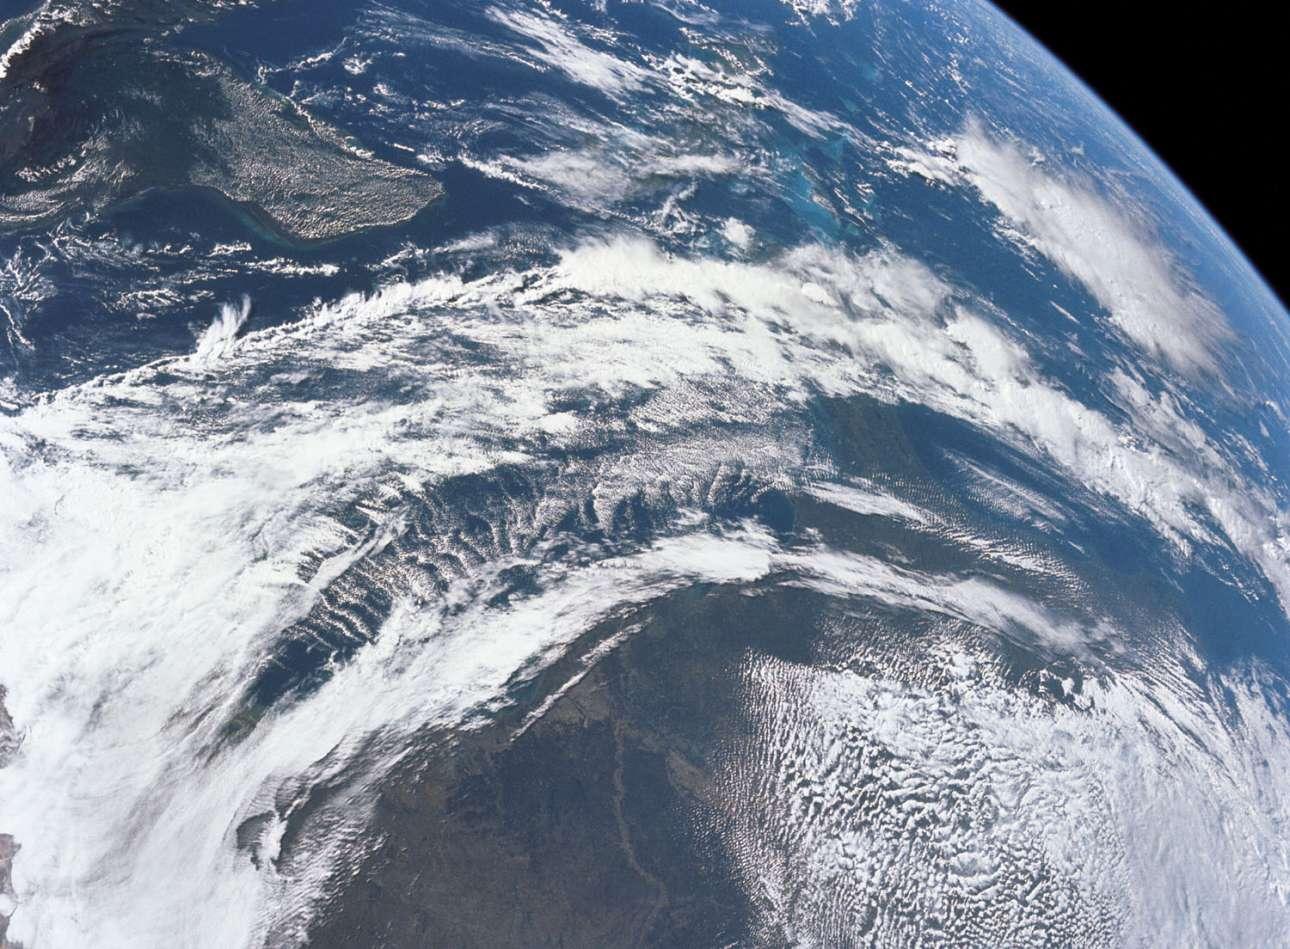 Η θέα της Γης όπως τη φωτογράφισαν οι αστροναύτες του Apollo 12, μόλις 3,5 ώρες μετά την εκτόξευσή τους